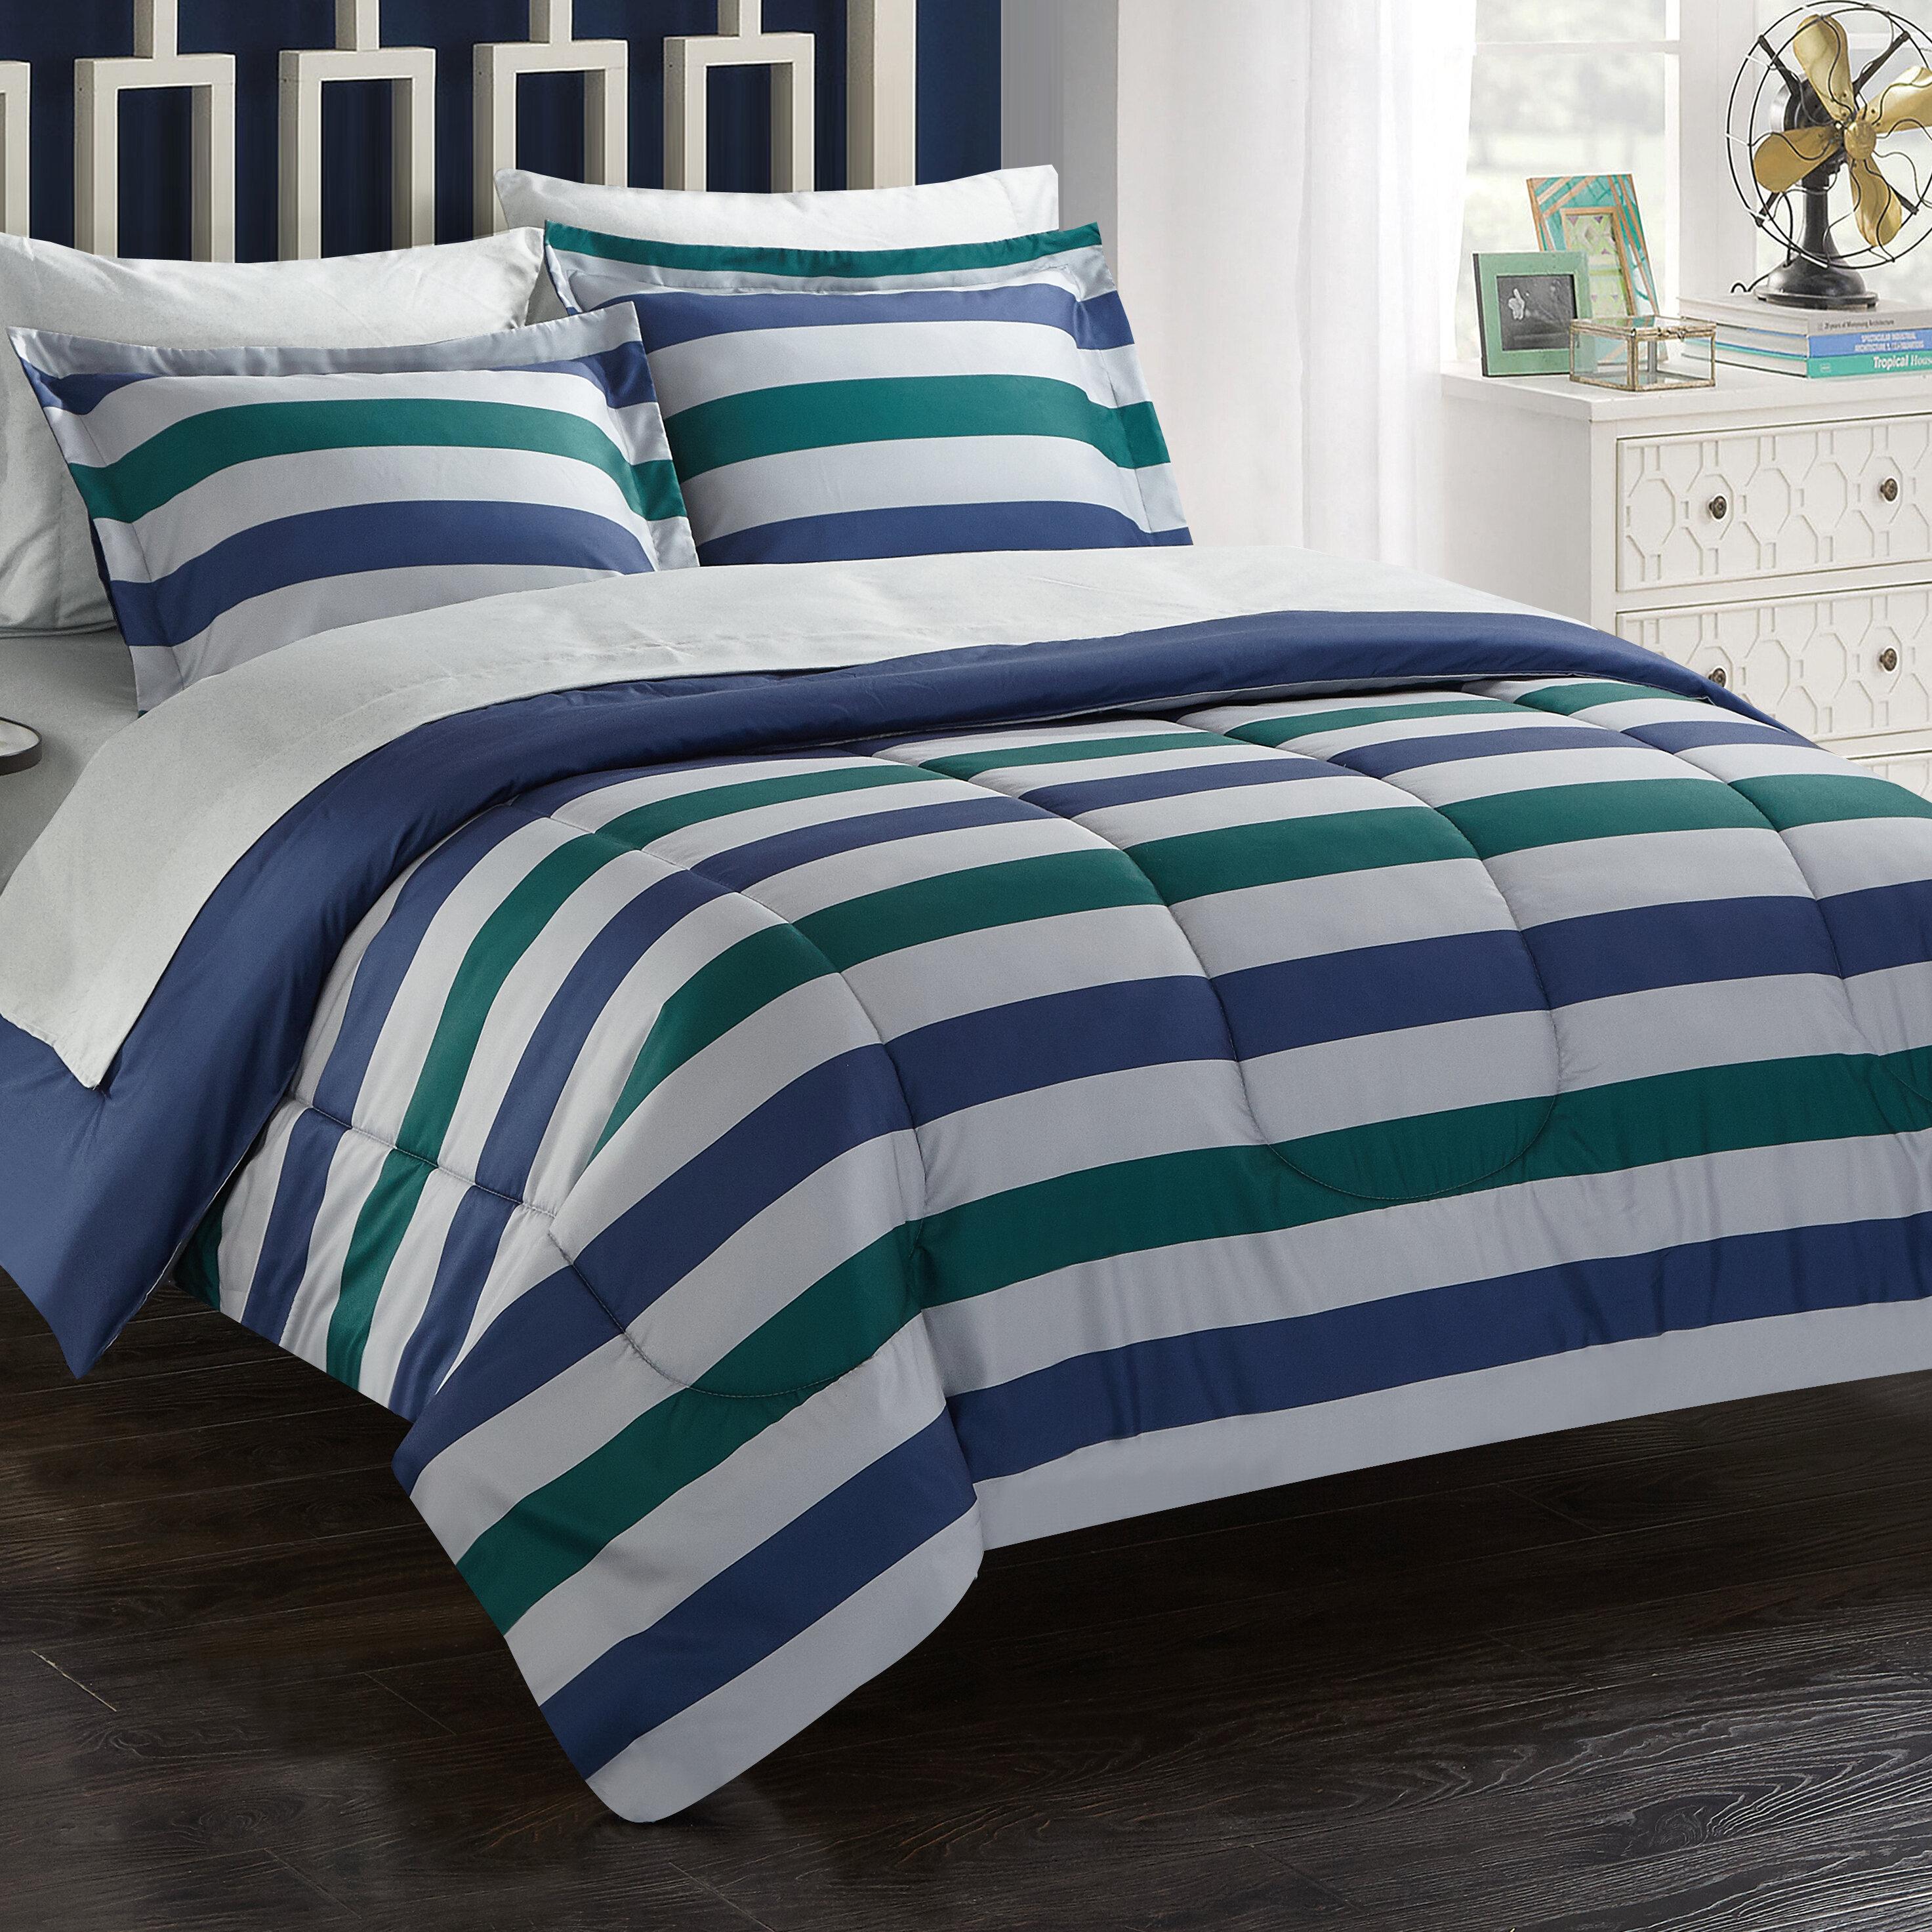 Breakwater Bay Stanton Stripe 7 Piece Reversible Comforter Set Wayfair